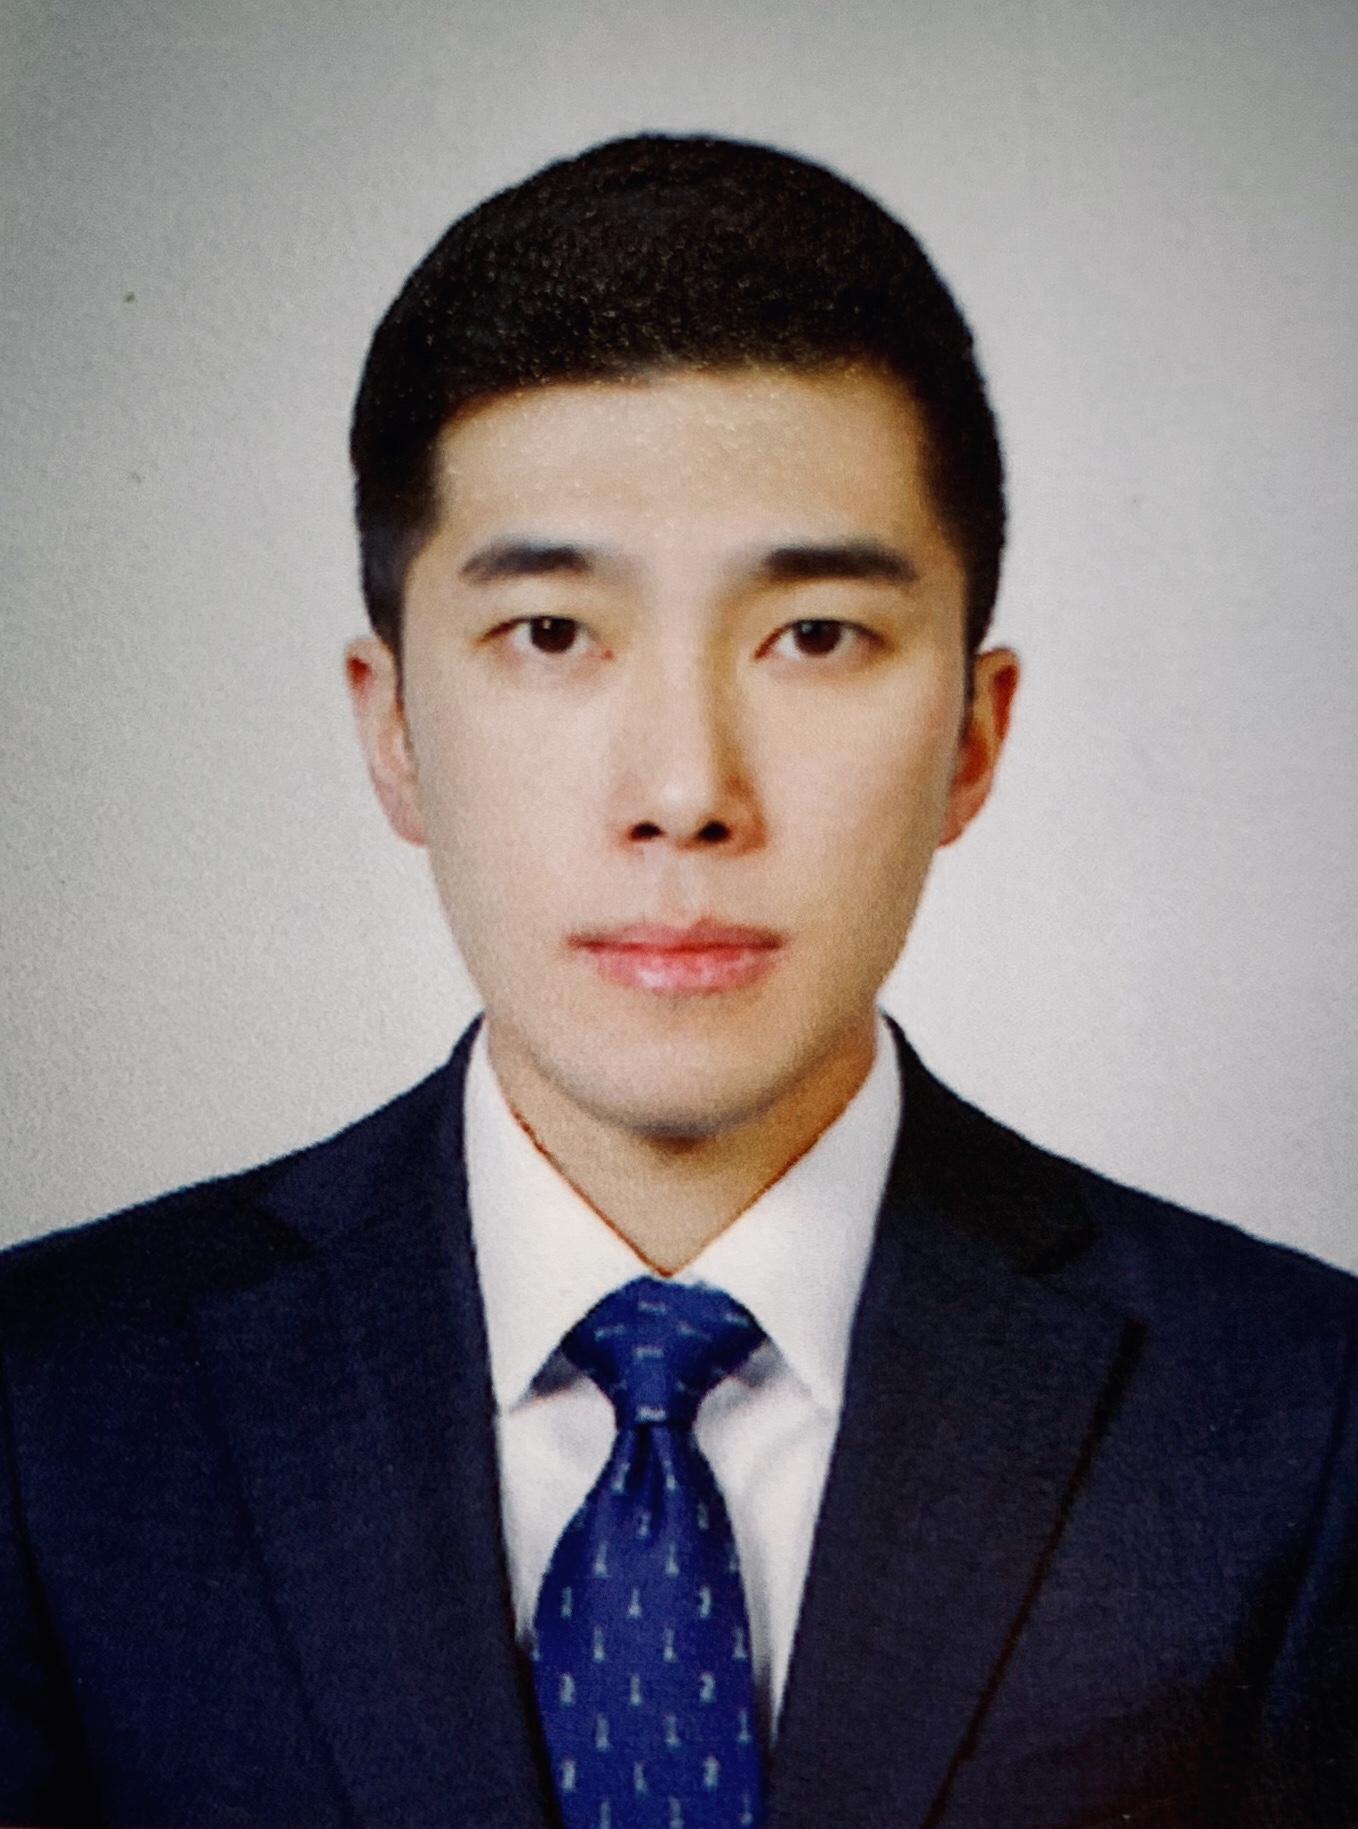 (사진) MBC 김동세 증명사진.jpg